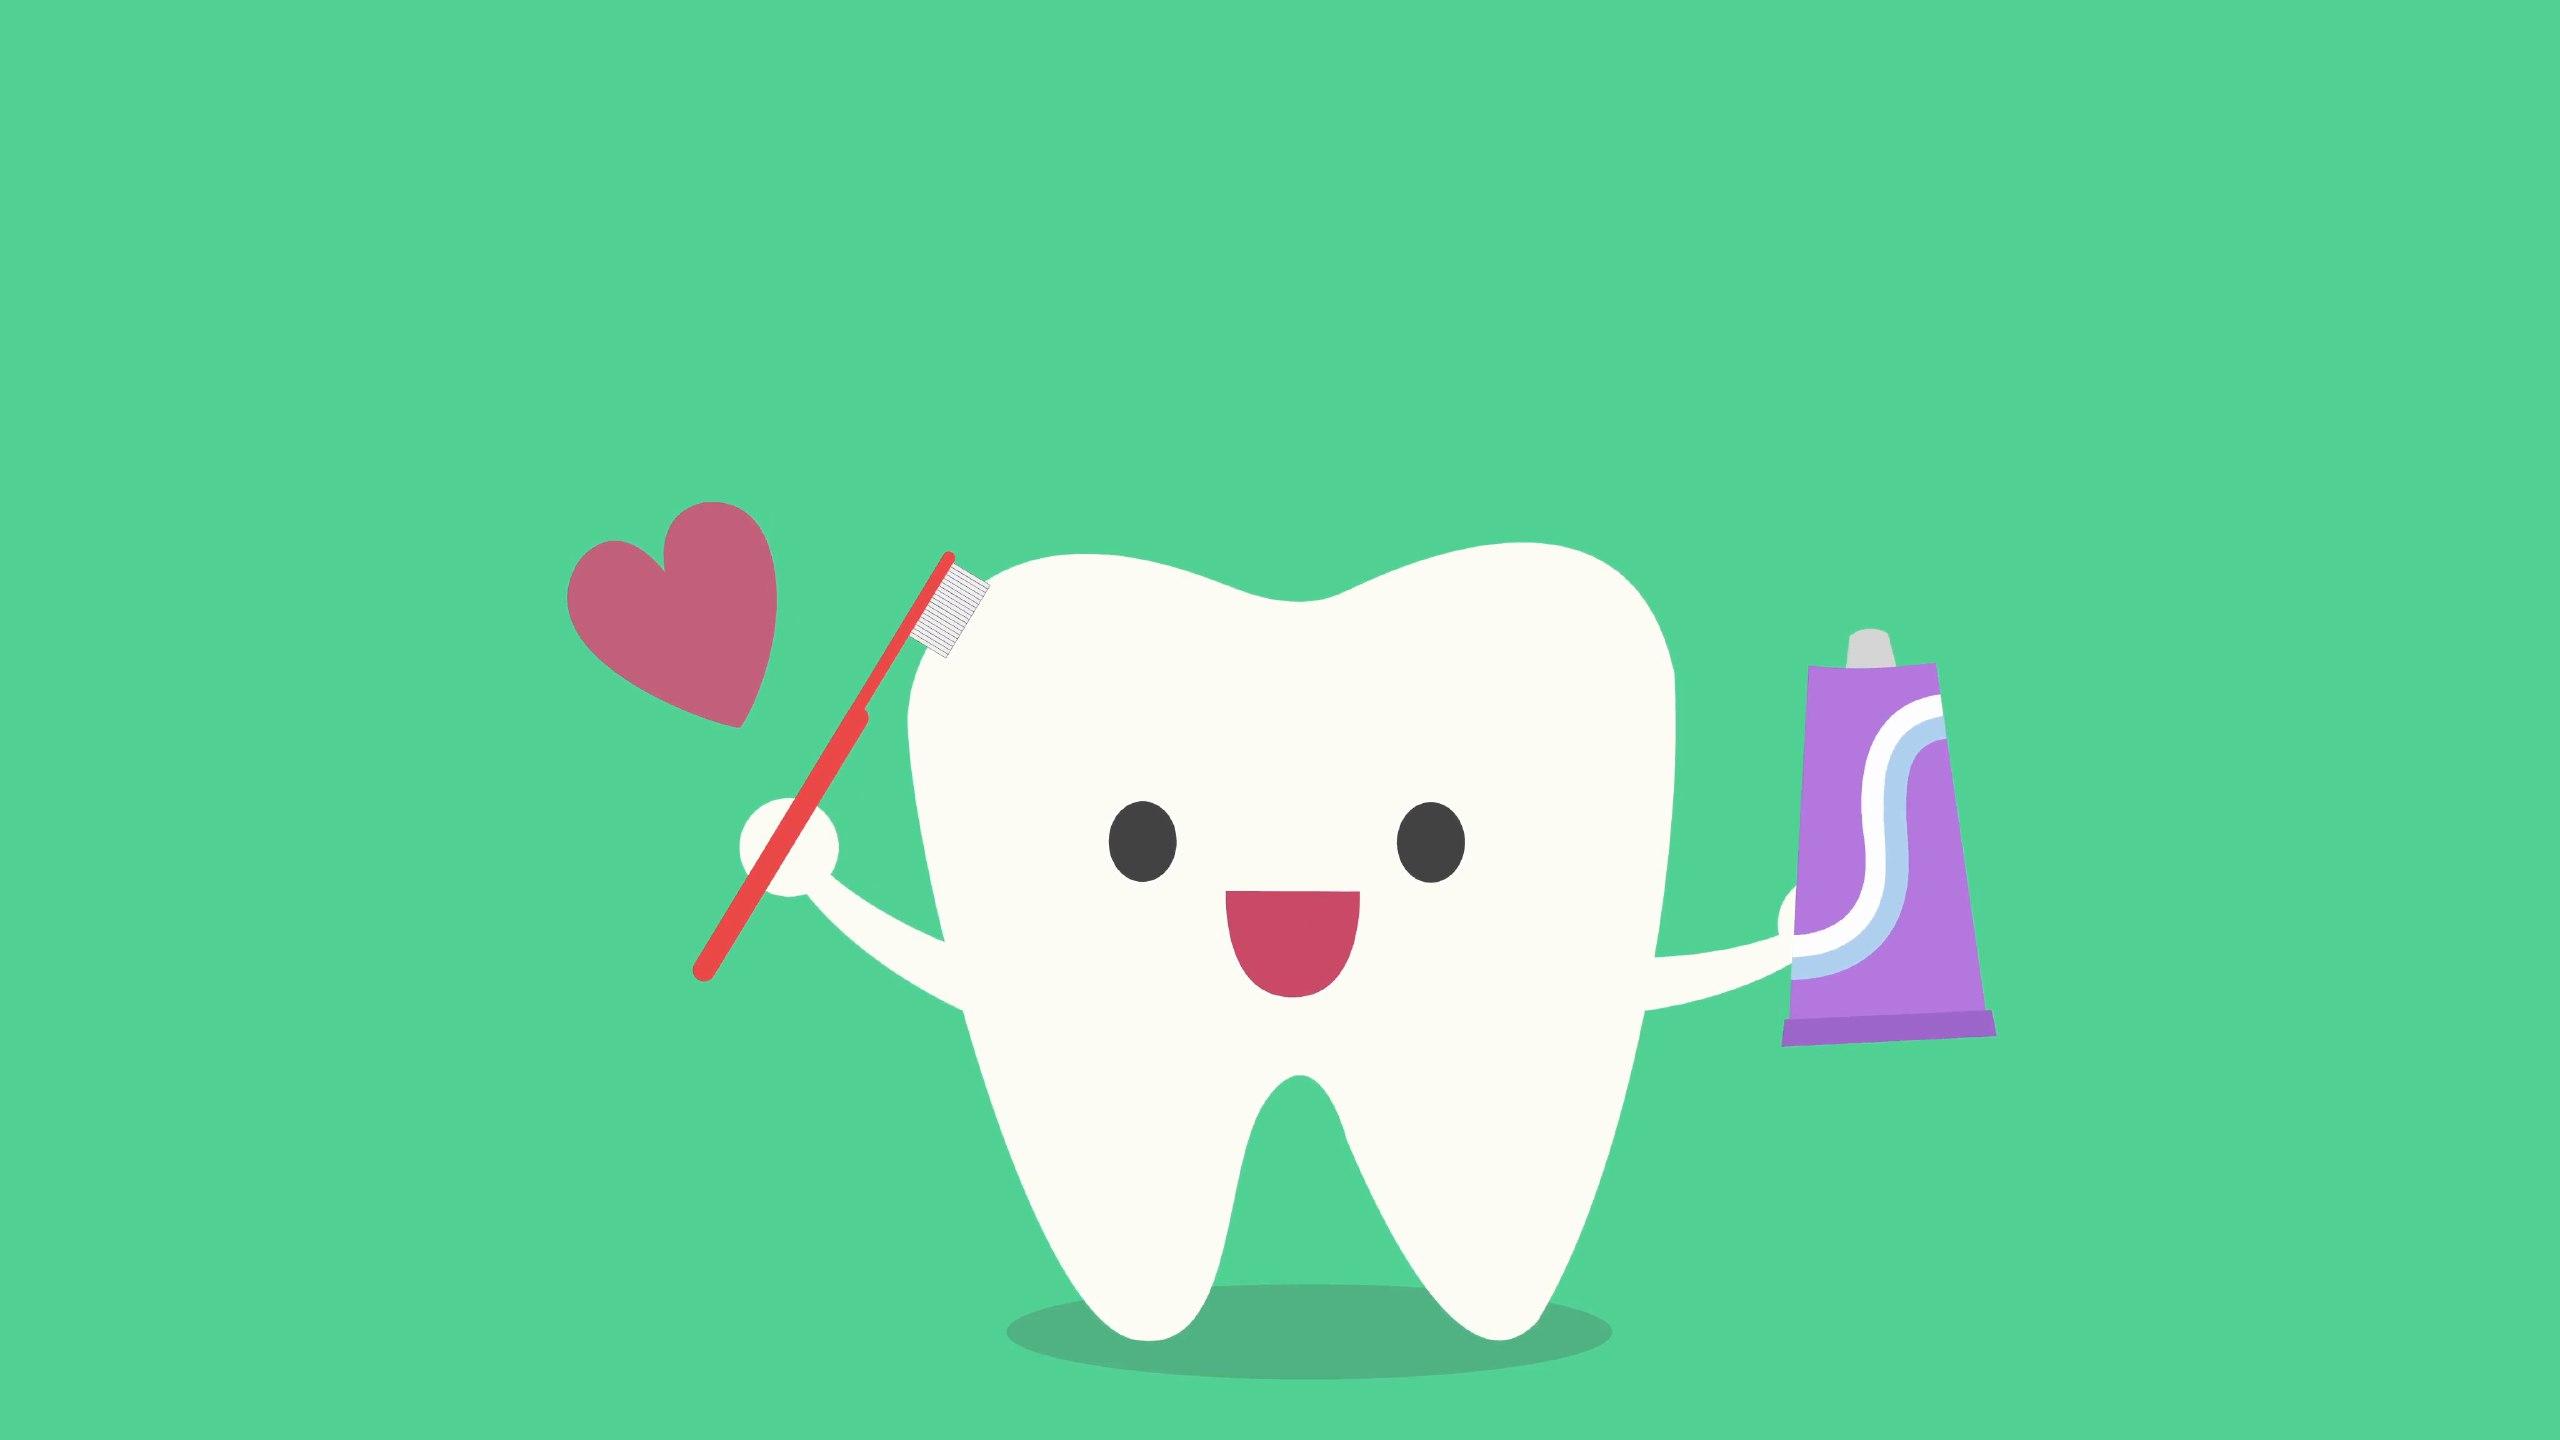 تعبیر خواب دندان تعبیر خواب واقعی دندان افتادن دندان خونریزی دندان